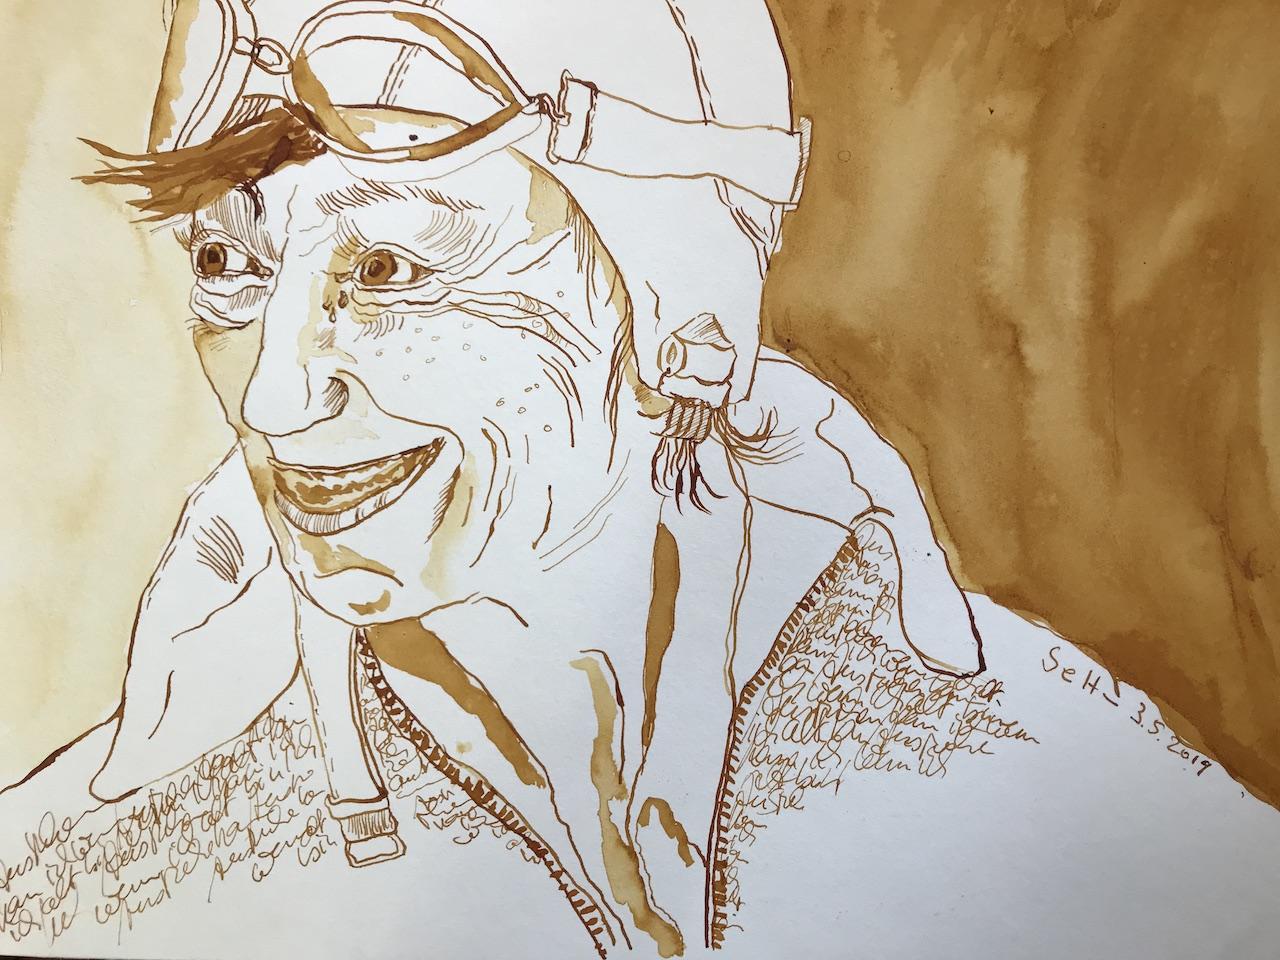 Mein Sinnbild von Heidi Hetzer, 30 x 40 cm, Tusche auf Aquarellkarton, Zeichnung von Susanne Haun (c) VG Bild Kunst, Bonn 2019